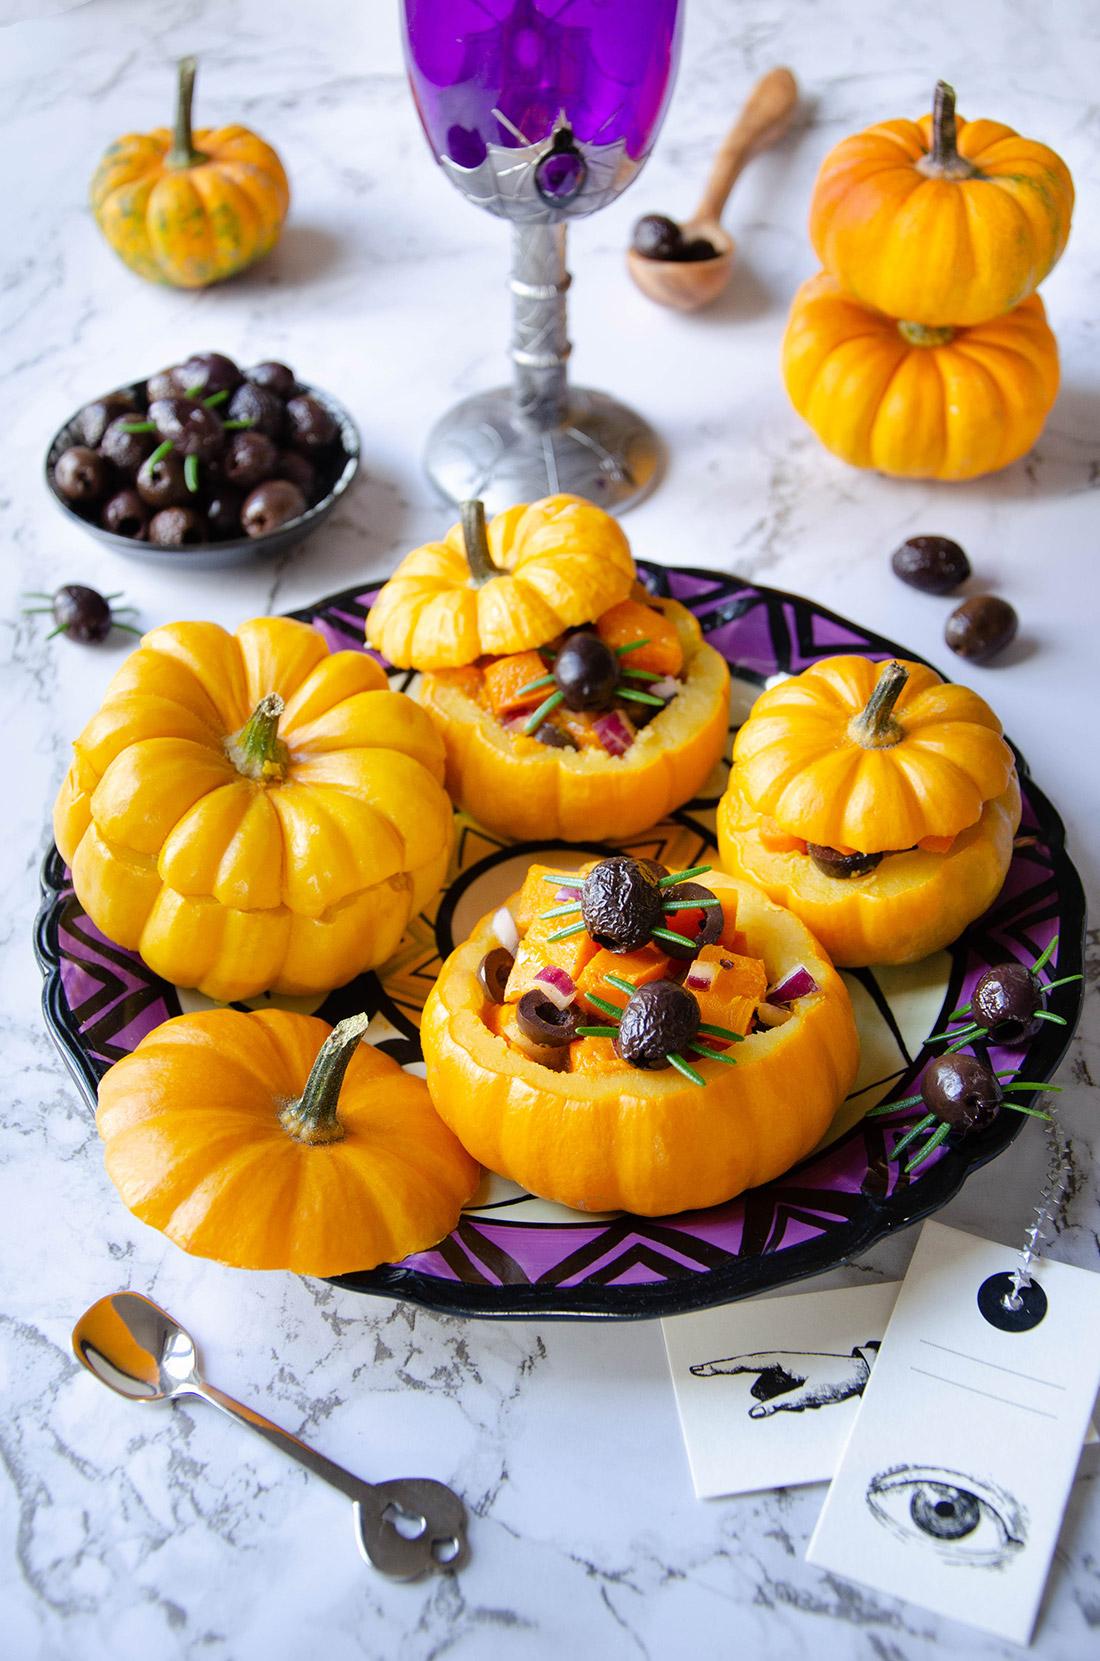 courges jack b little farcies olives orange fait maison